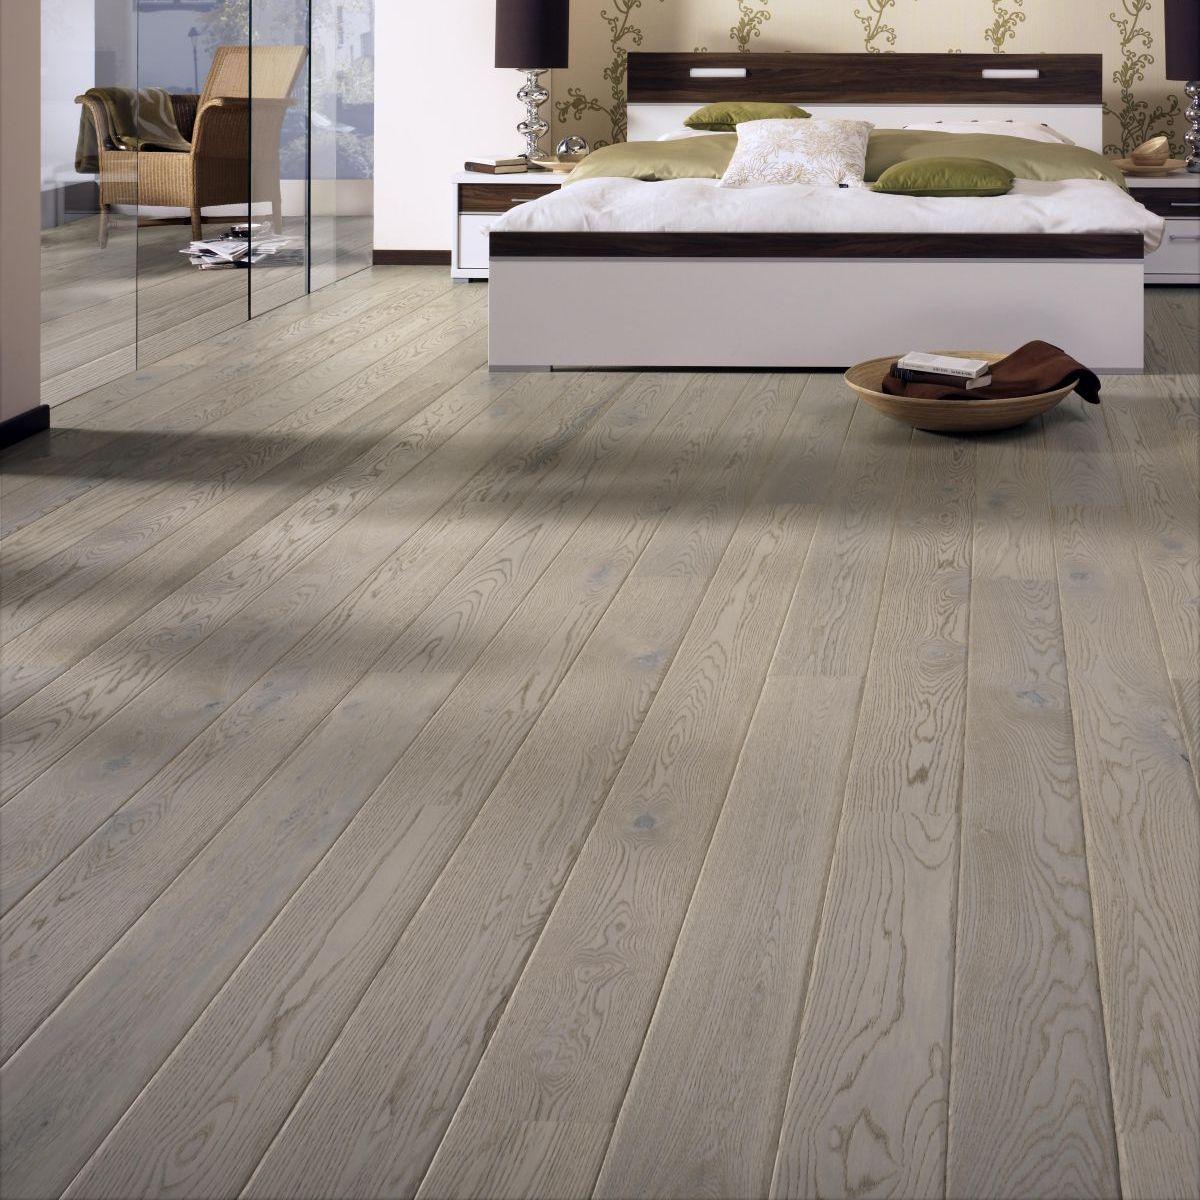 Tarkett Shade Ek Misty Grey Plank Br 1-Stav - Mattlack - Parkettgolv - 2520 MM - 14 MM